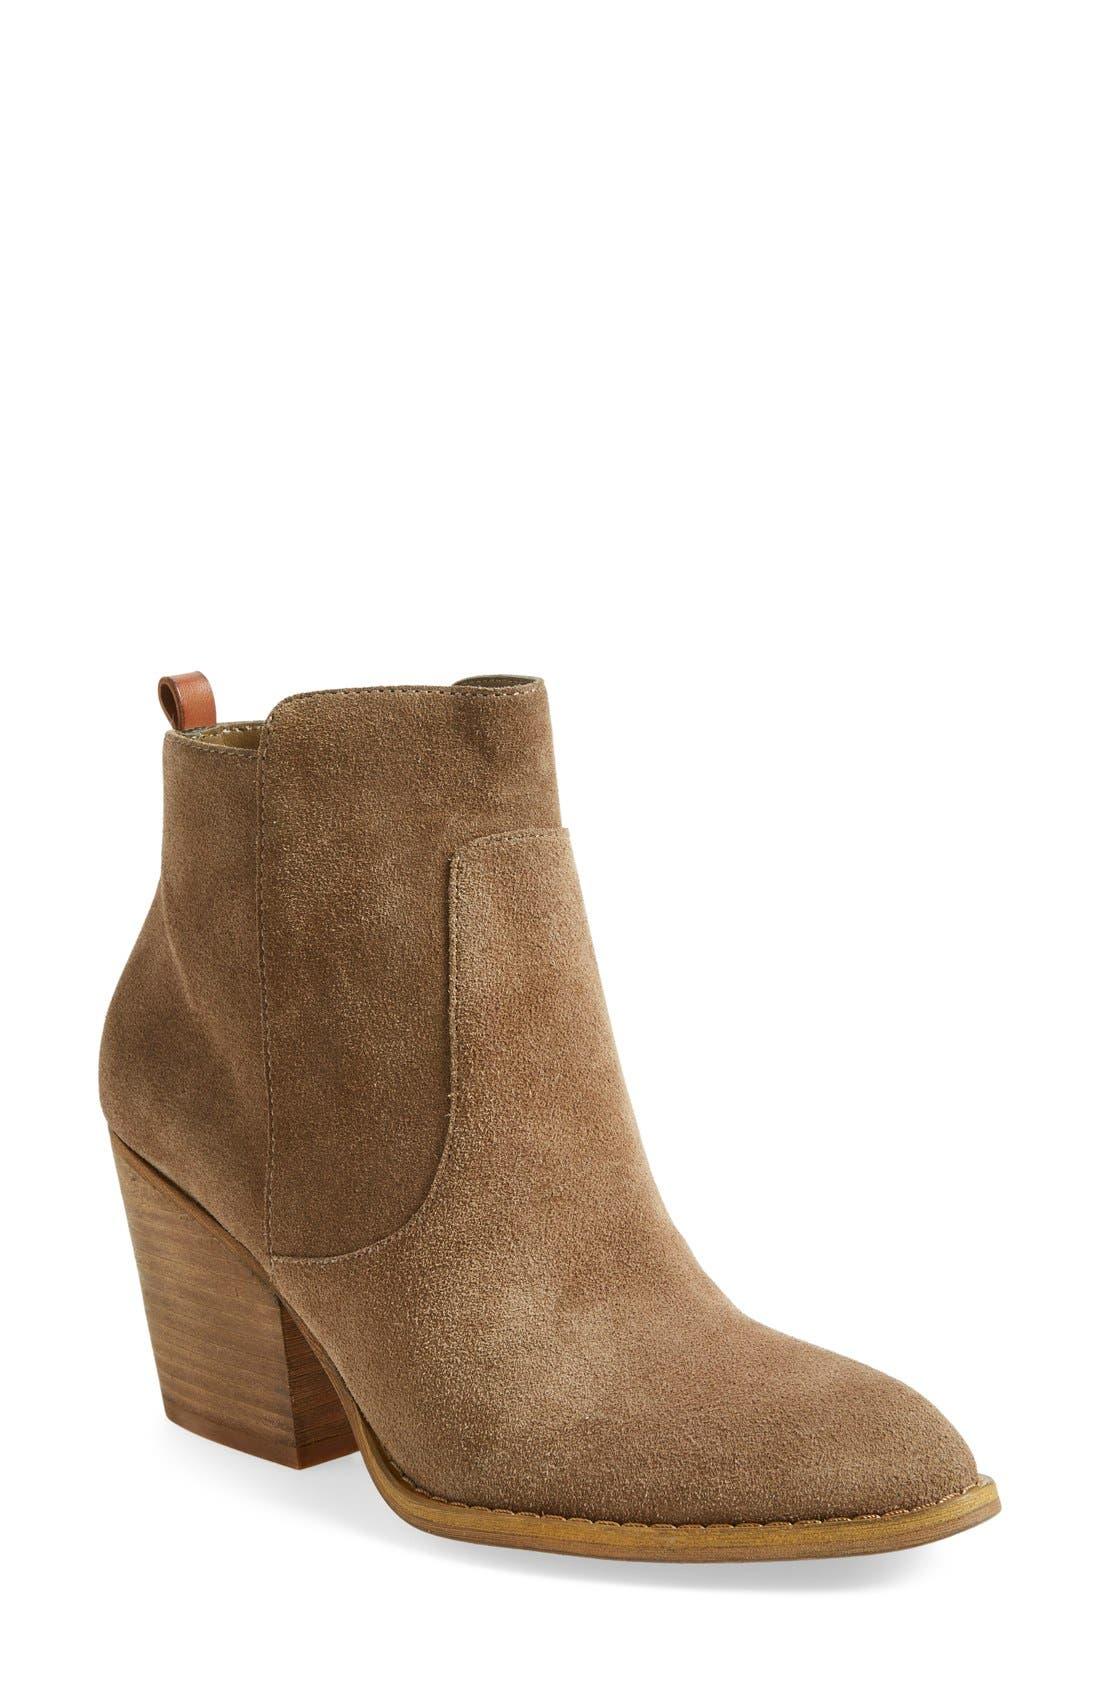 'Winsor' Block Heel Bootie,                         Main,                         color, Sand Suede